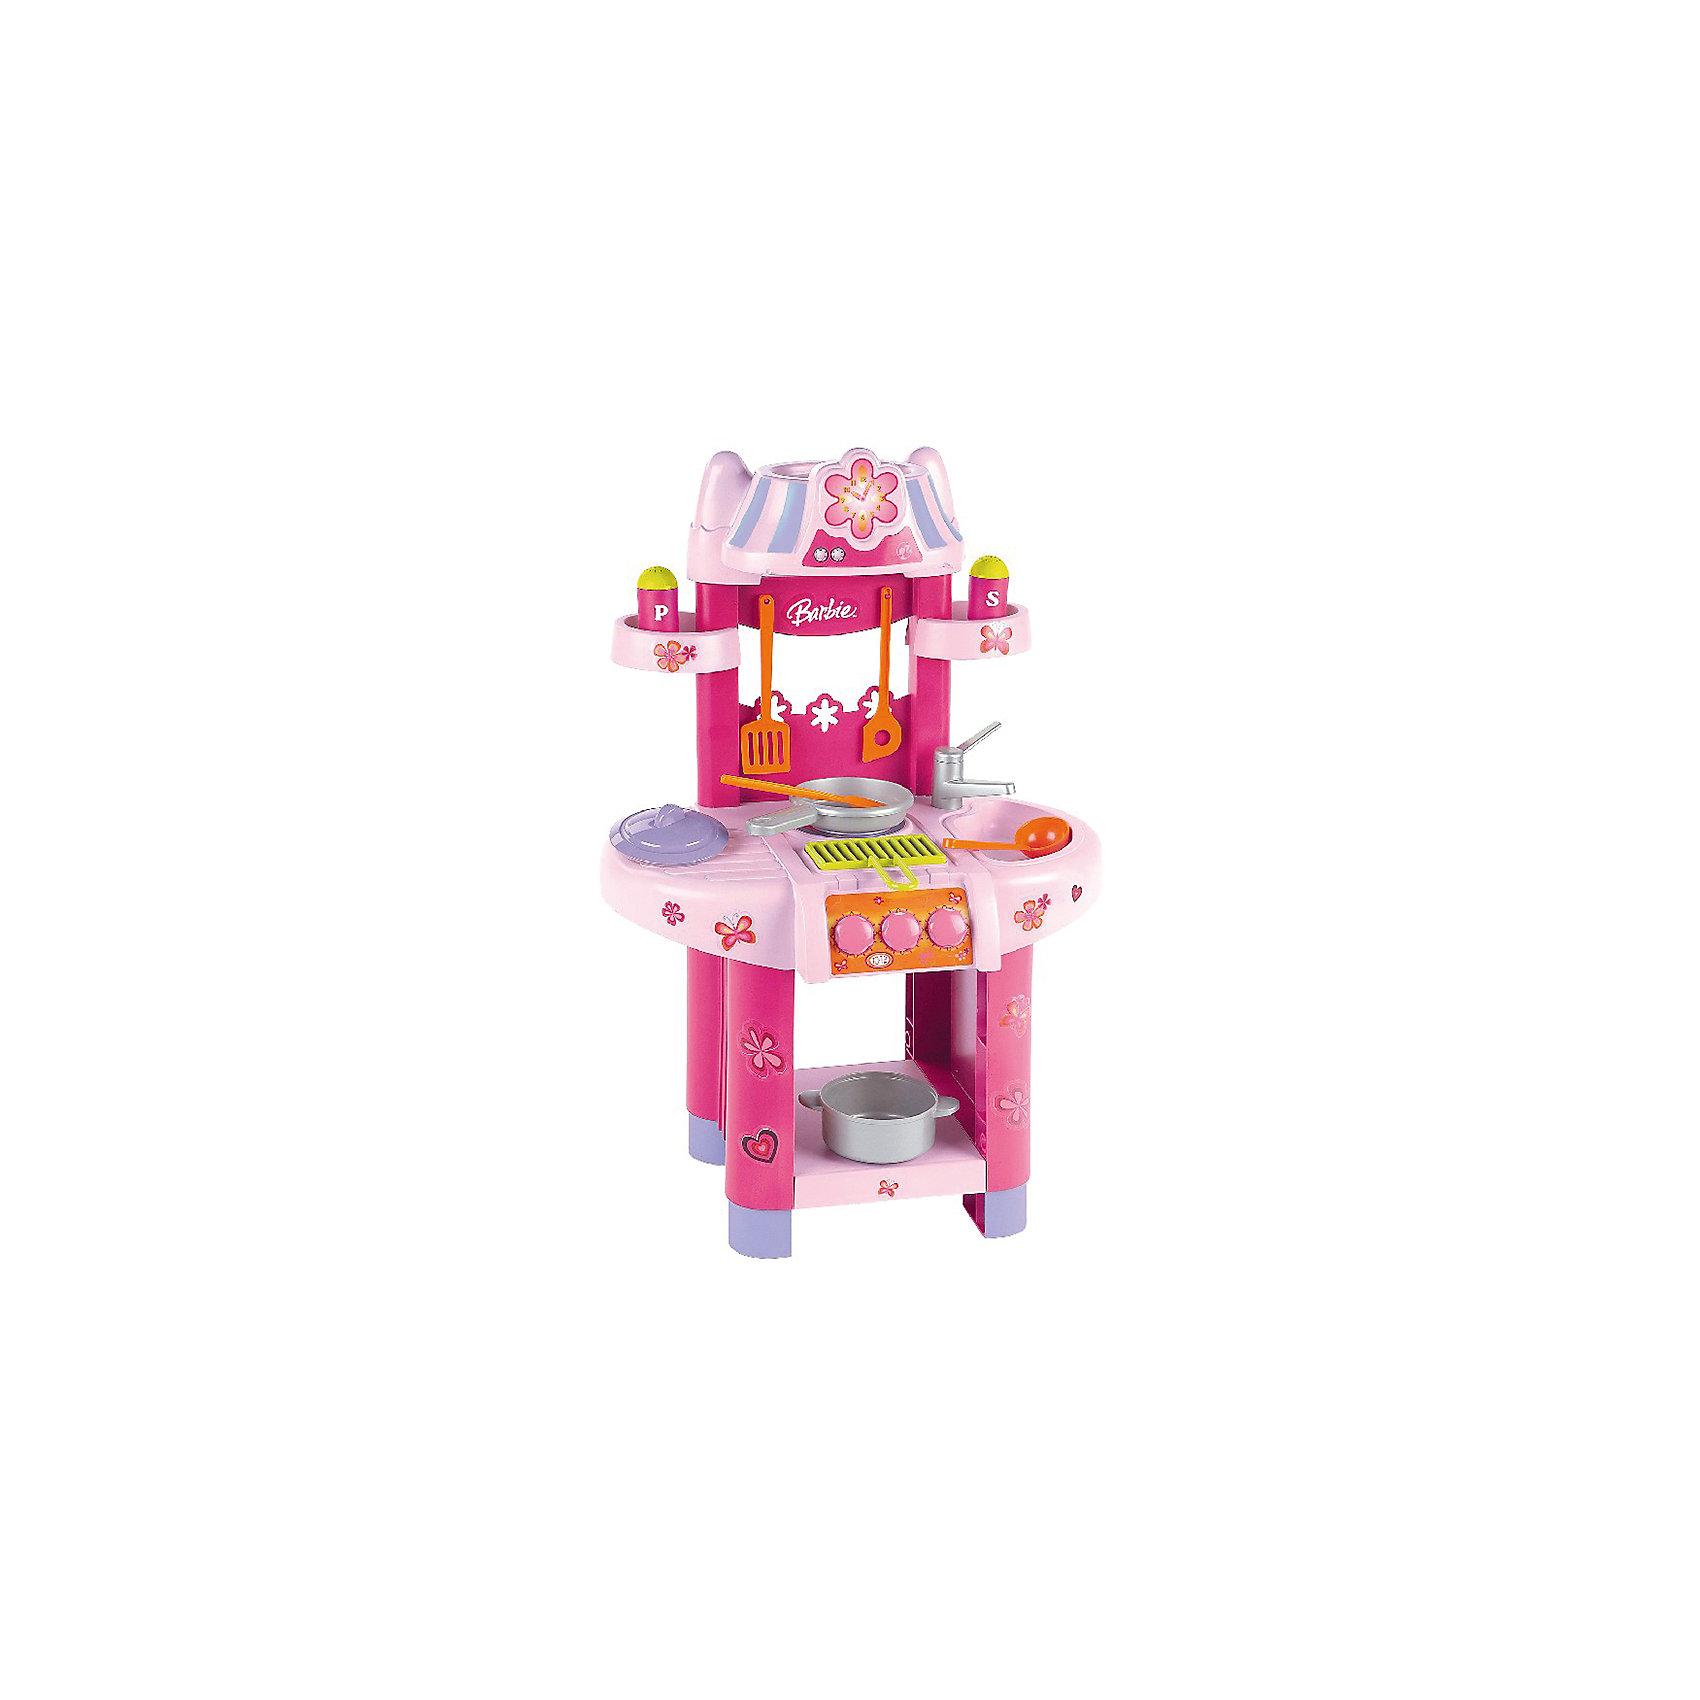 Кухонный центр, BarbieКухонный центр от бренда Barbie понравится не только любительницам этих кукол. В наборе есть всё необходимое, чтобы готовить куклам вкусные блюда - плита с грилем, предметы посуды и емкости со специями, полочки для кухонных принадлежностей и еды, раковина и кран. <br>Набор сделан из качественного пластика, безопасного для детей. Набор яркий, очень красиво смотрится. Он станет отличным подарком девочке!<br><br>Дополнительная информация:<br><br>цвет: разноцветный;<br>материал: пластик;<br>комплектация: плита с грилем, предметы посуды и емкости со специями, полочки для кухонных принадлежностей и еды, раковина и кран;<br>размер: 75,5 х 42 х 30 см.<br><br>Кухонный центр от бренда Barbie можно купить в нашем магазине.<br><br>Ширина мм: 395<br>Глубина мм: 535<br>Высота мм: 230<br>Вес г: 1900<br>Возраст от месяцев: 36<br>Возраст до месяцев: 1164<br>Пол: Женский<br>Возраст: Детский<br>SKU: 1813191